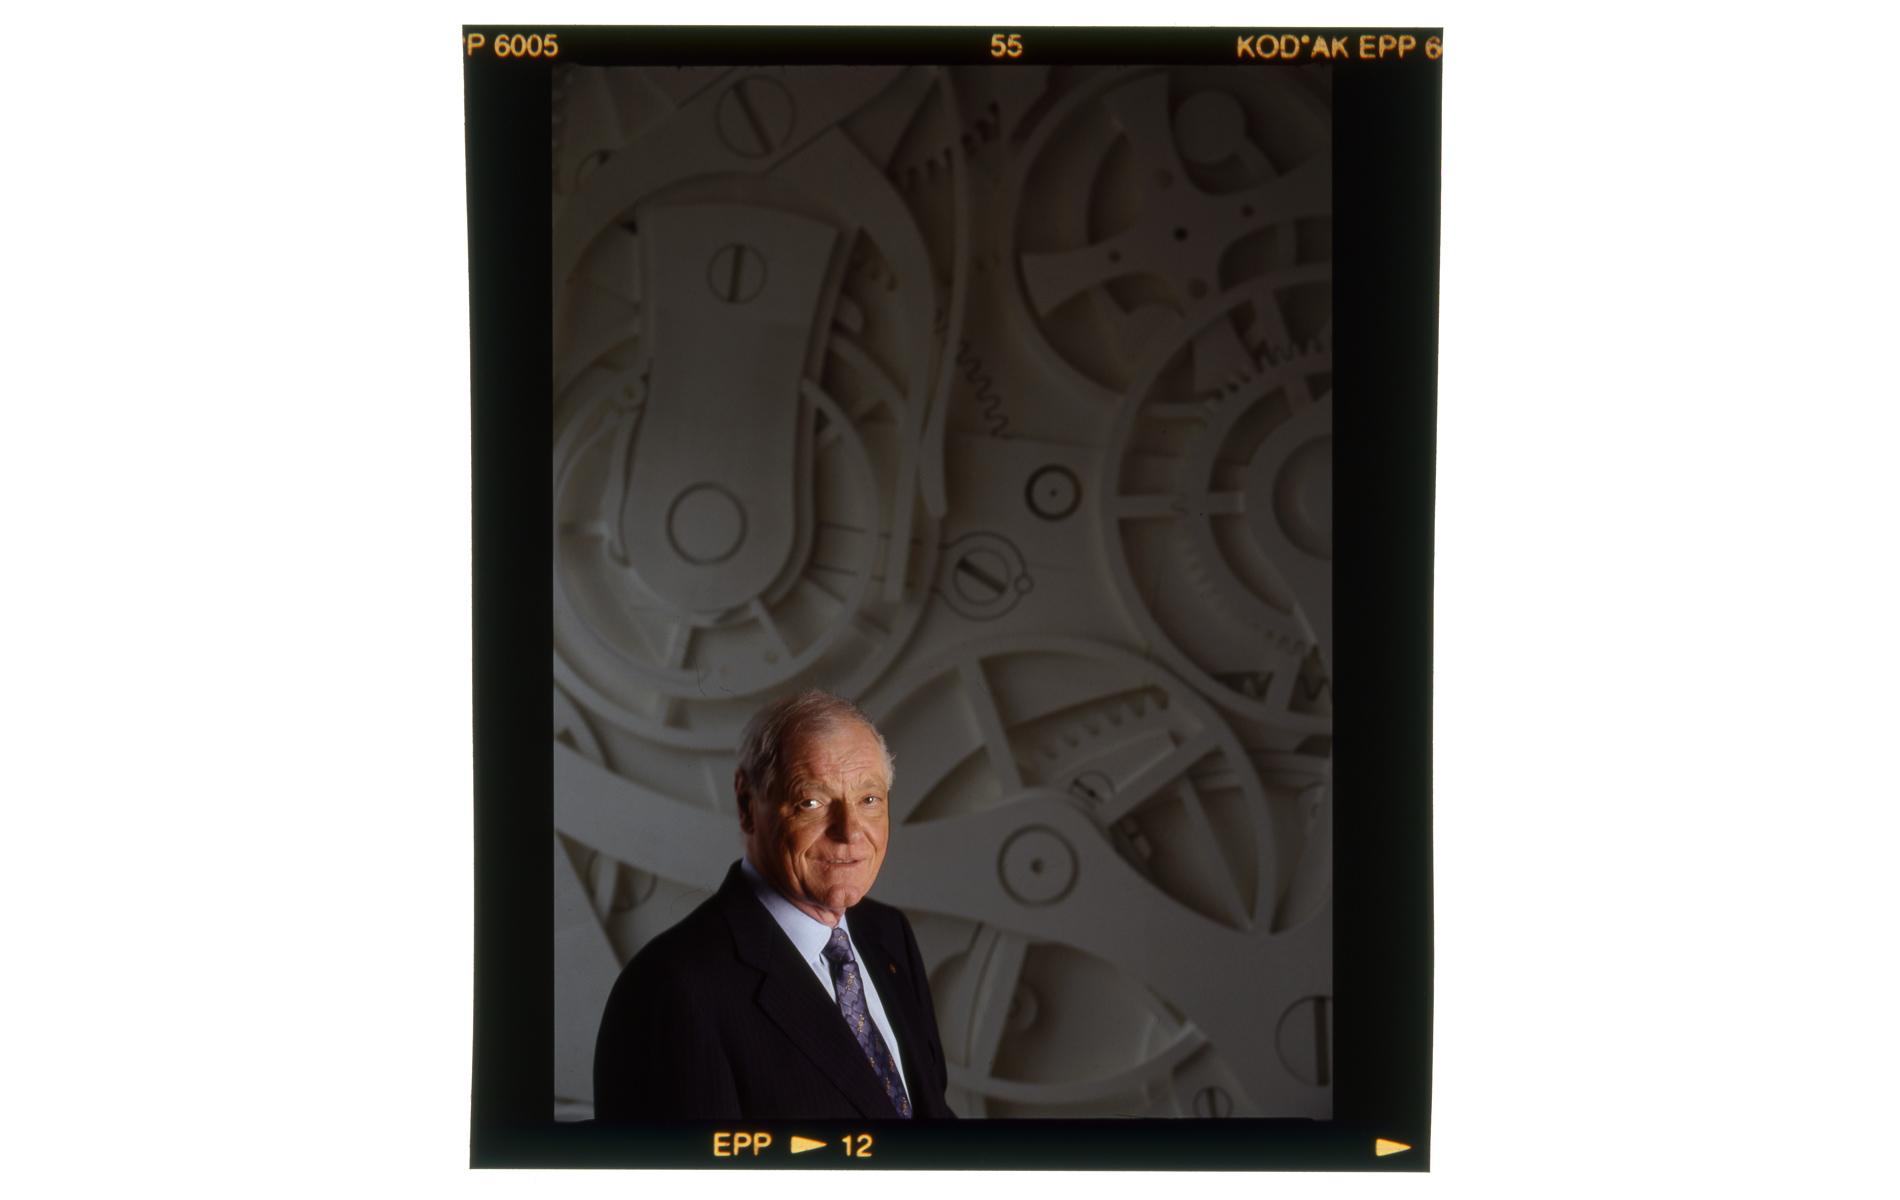 """PHILIPPE STERN - President and CEO of """"Patek Philippe"""" - Portraits Exhibition - © Graziano Villa"""